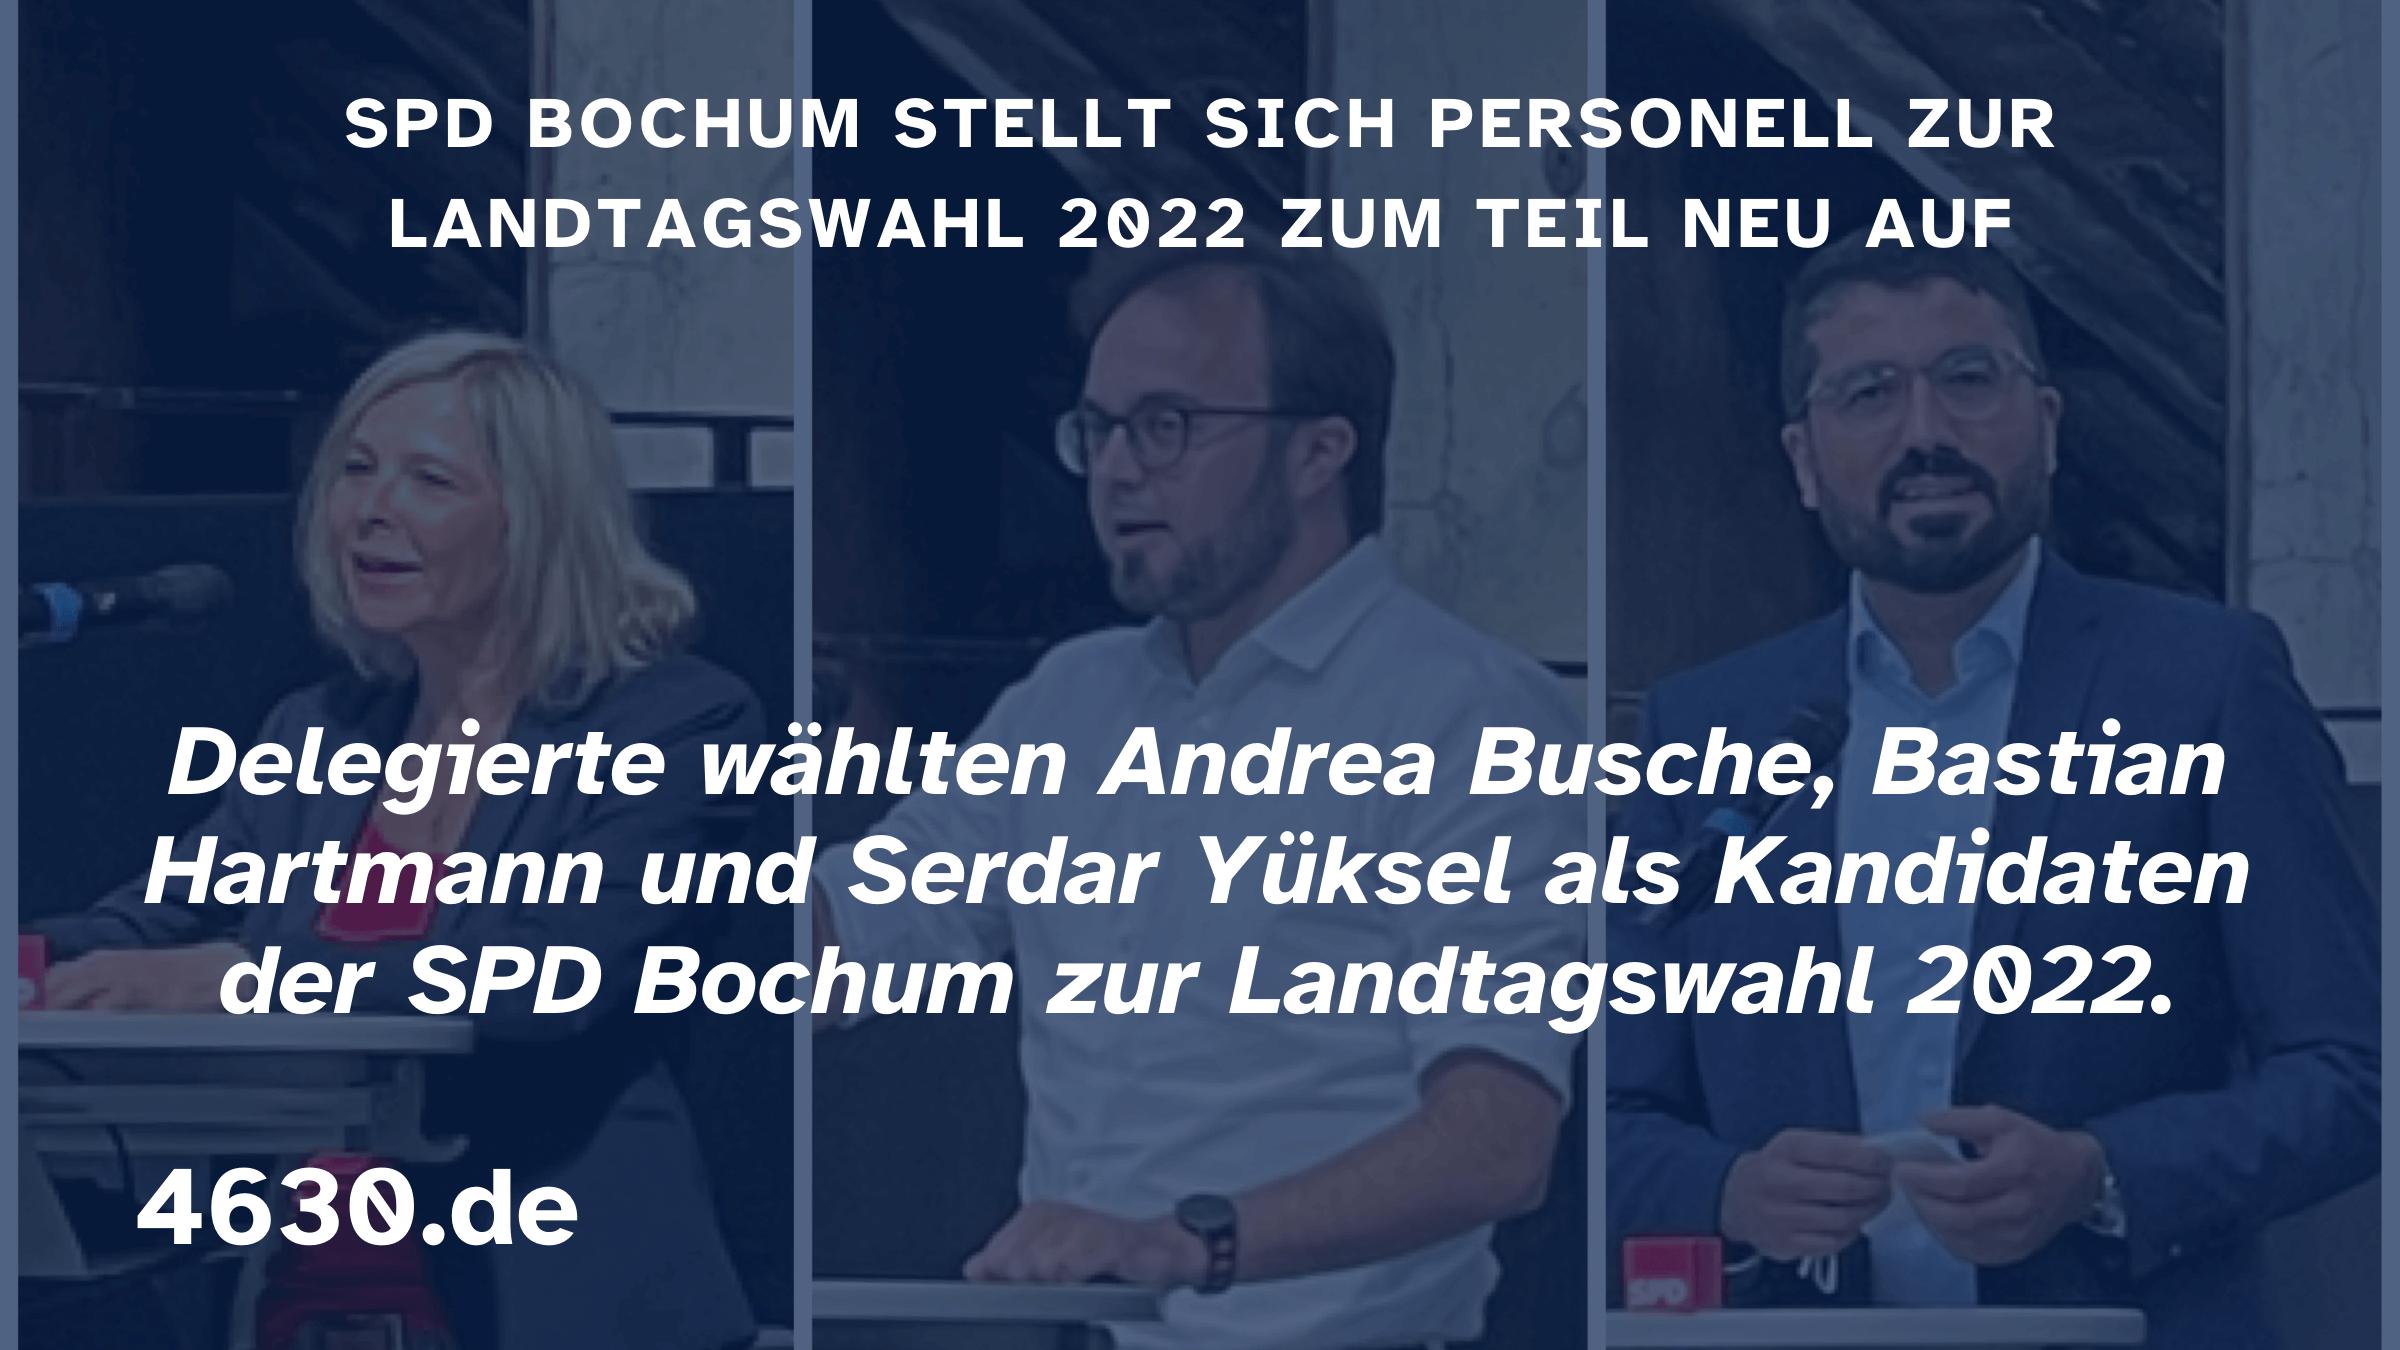 SPD Bochum stellt sich zur Landtagswahl 2022 zum Teil neu auf